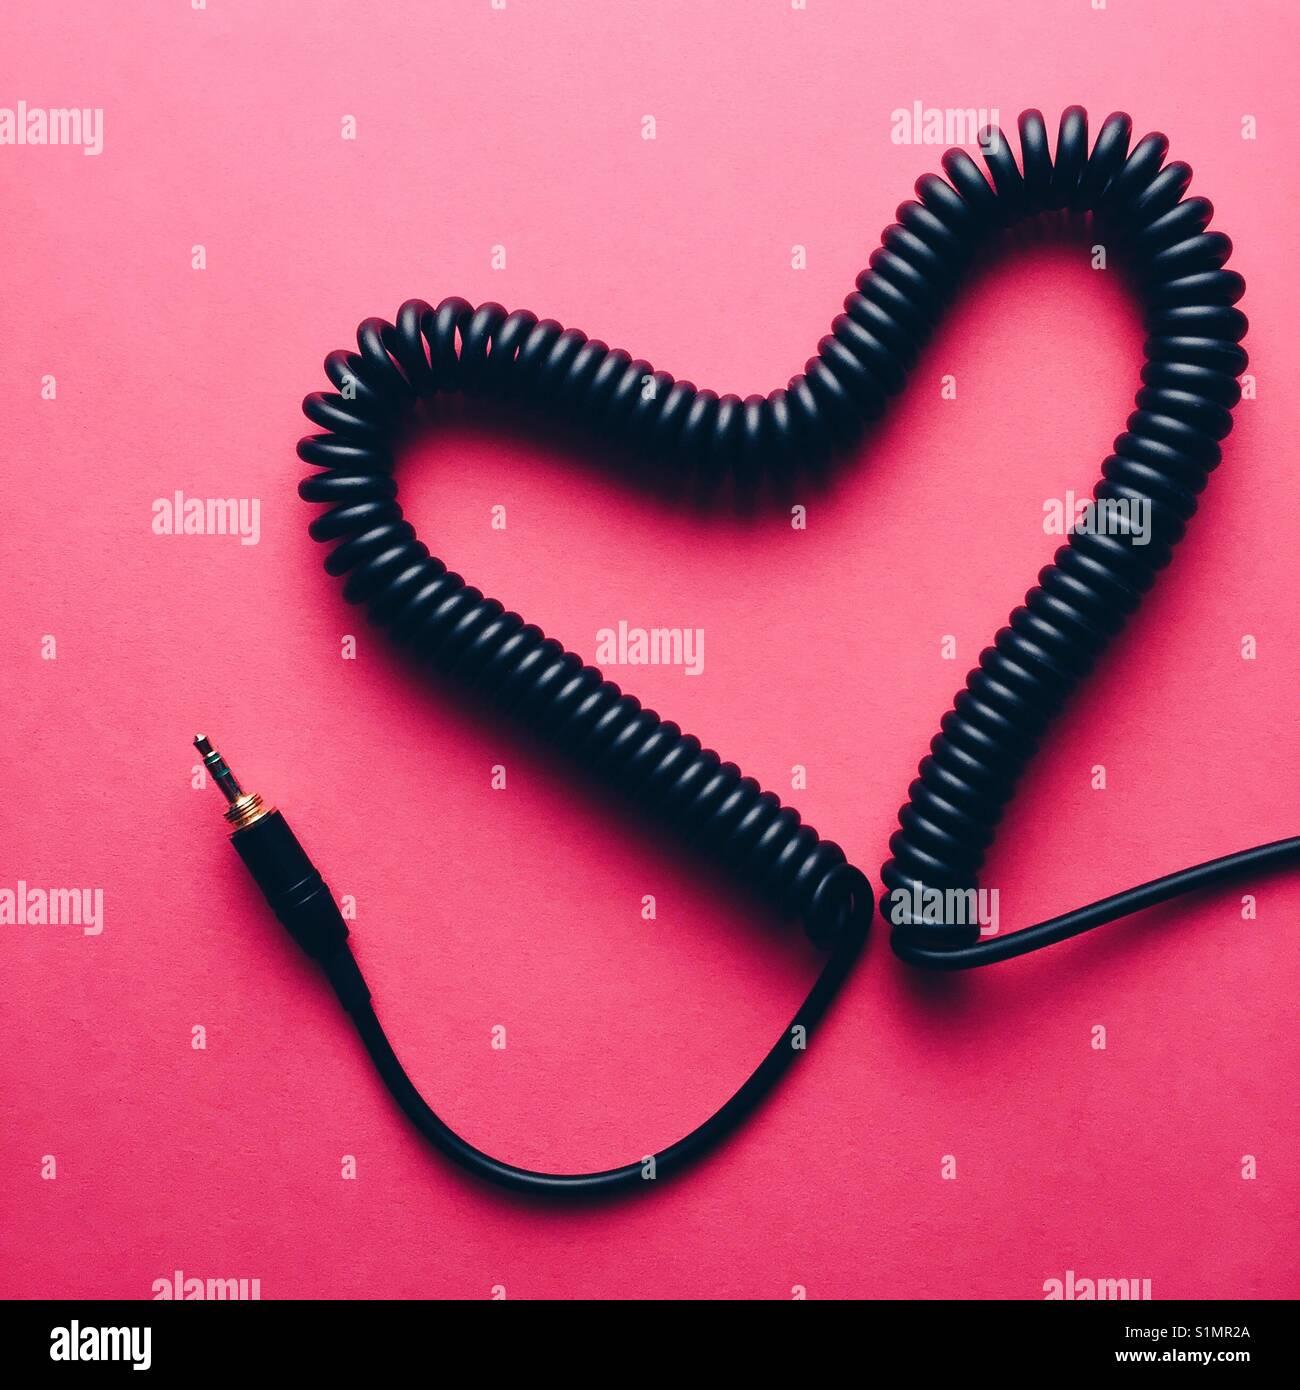 Ein Spiralkabel Kopfhörer Kabel hergestellt in Form eines Herzens auf einem rosa Hintergrund Stockbild